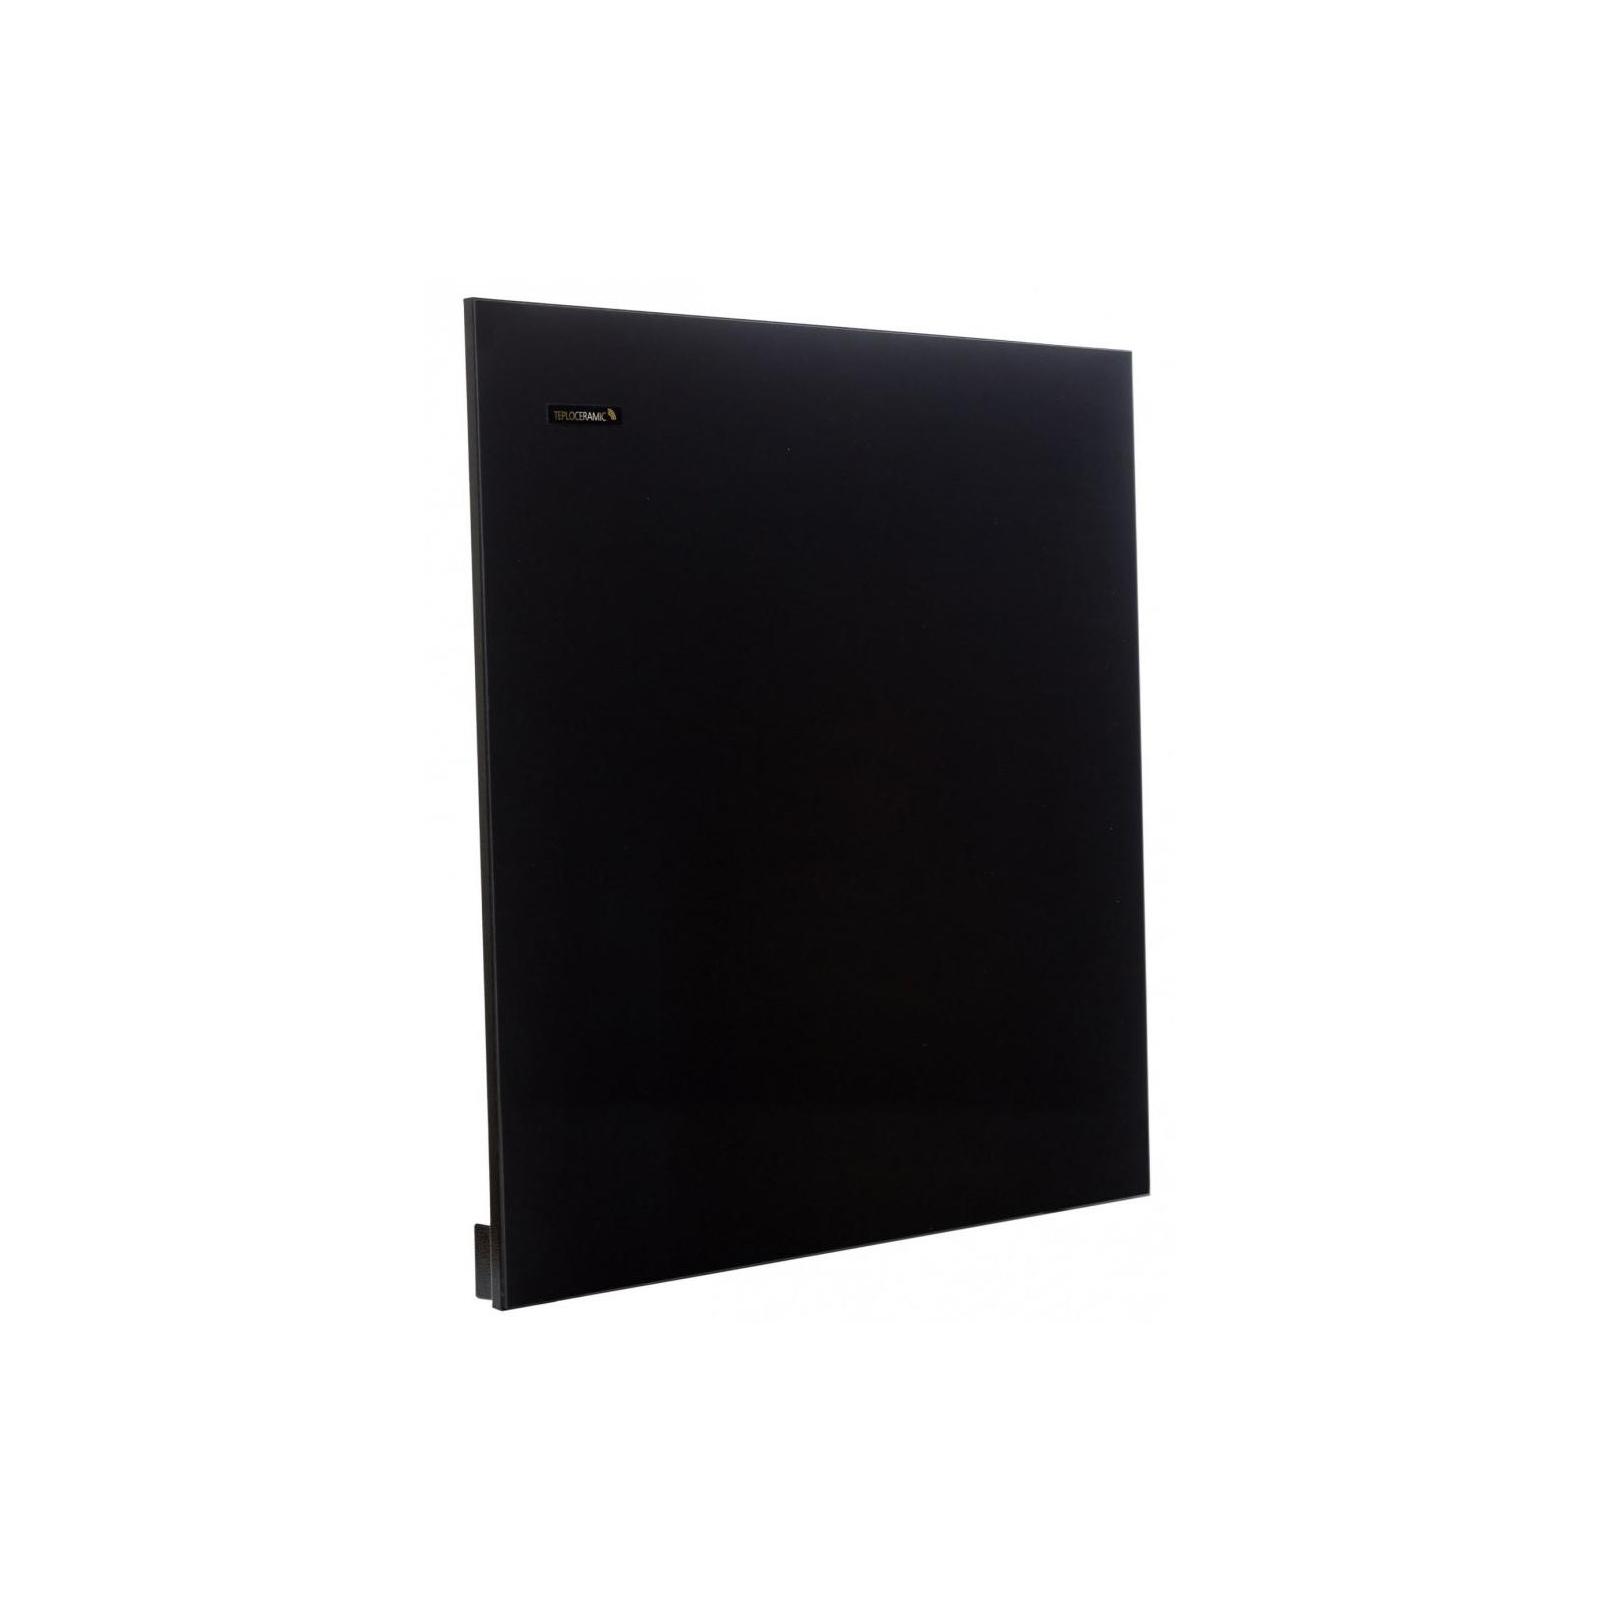 Обогреватель Teploceramic ТС 395 BLACK изображение 2